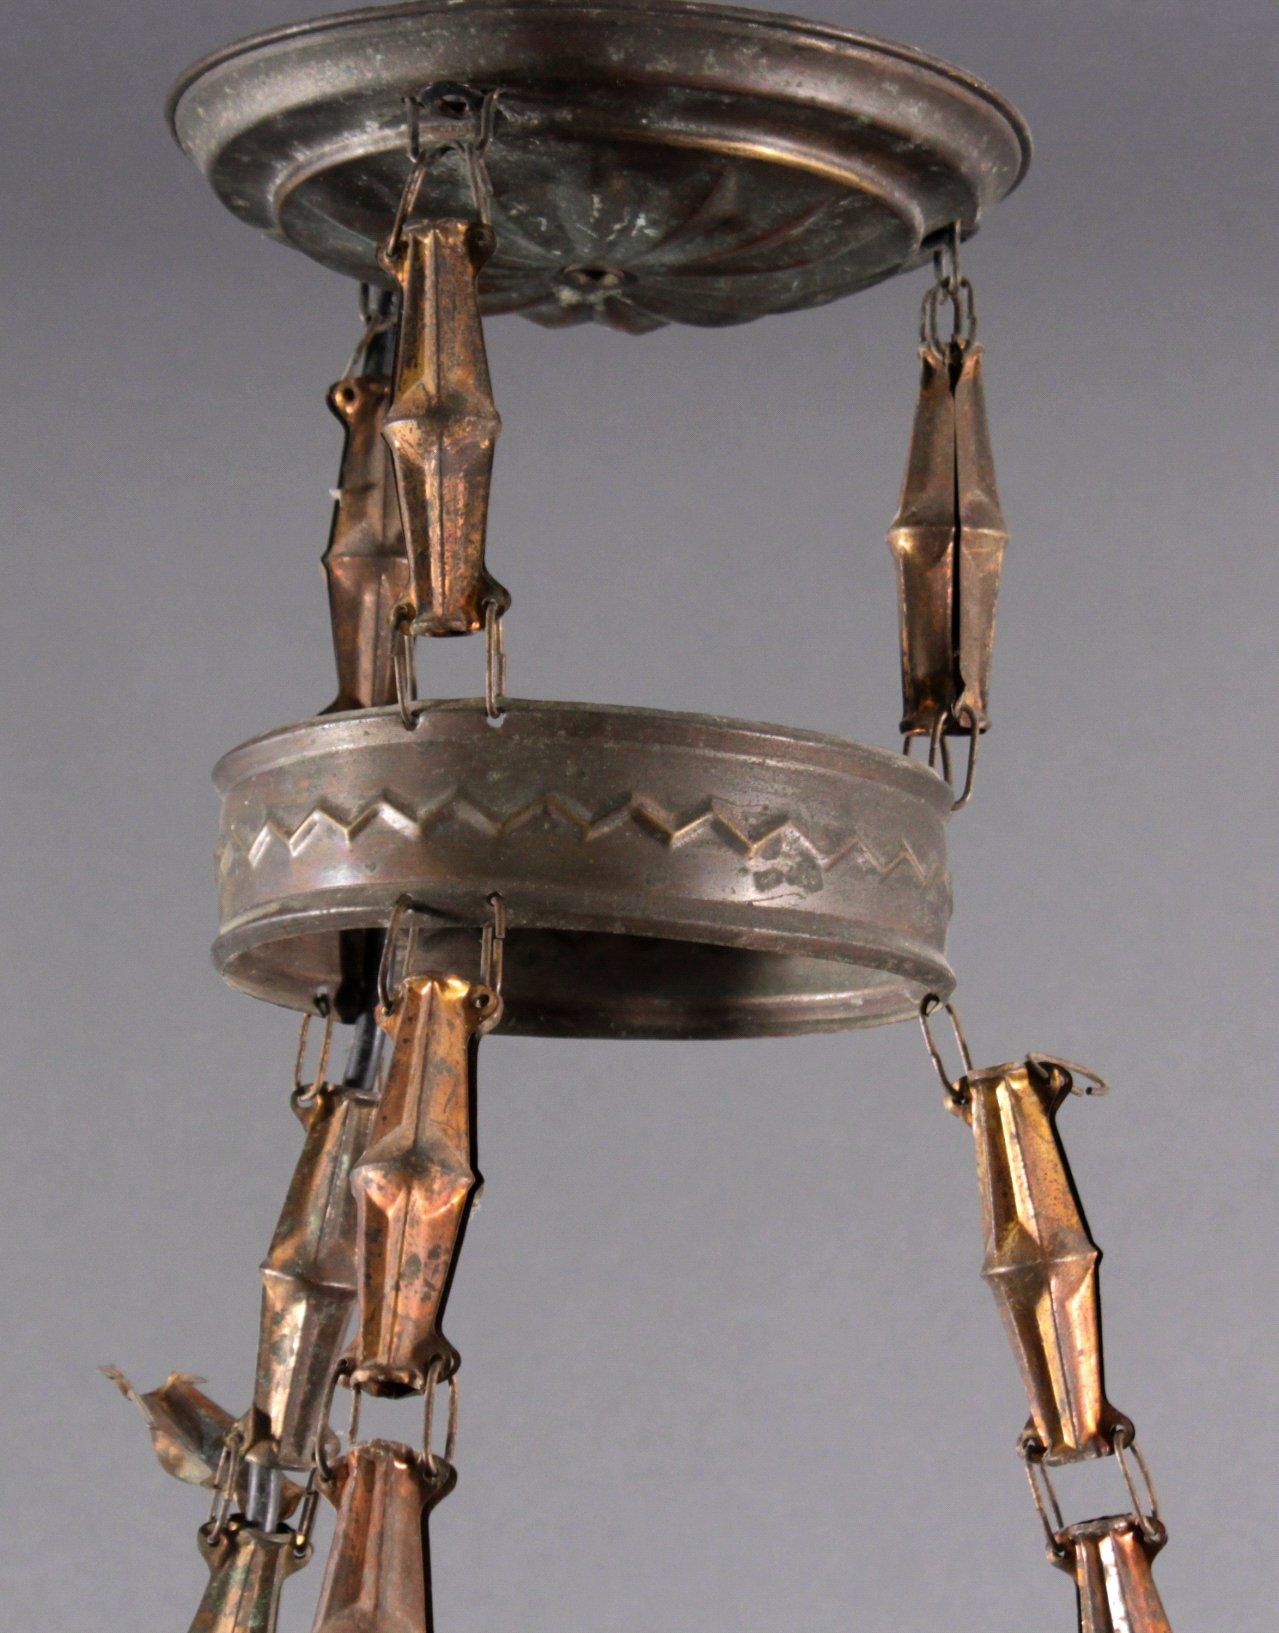 Deckenlampe um 1900 mit Milchglasschirm-2